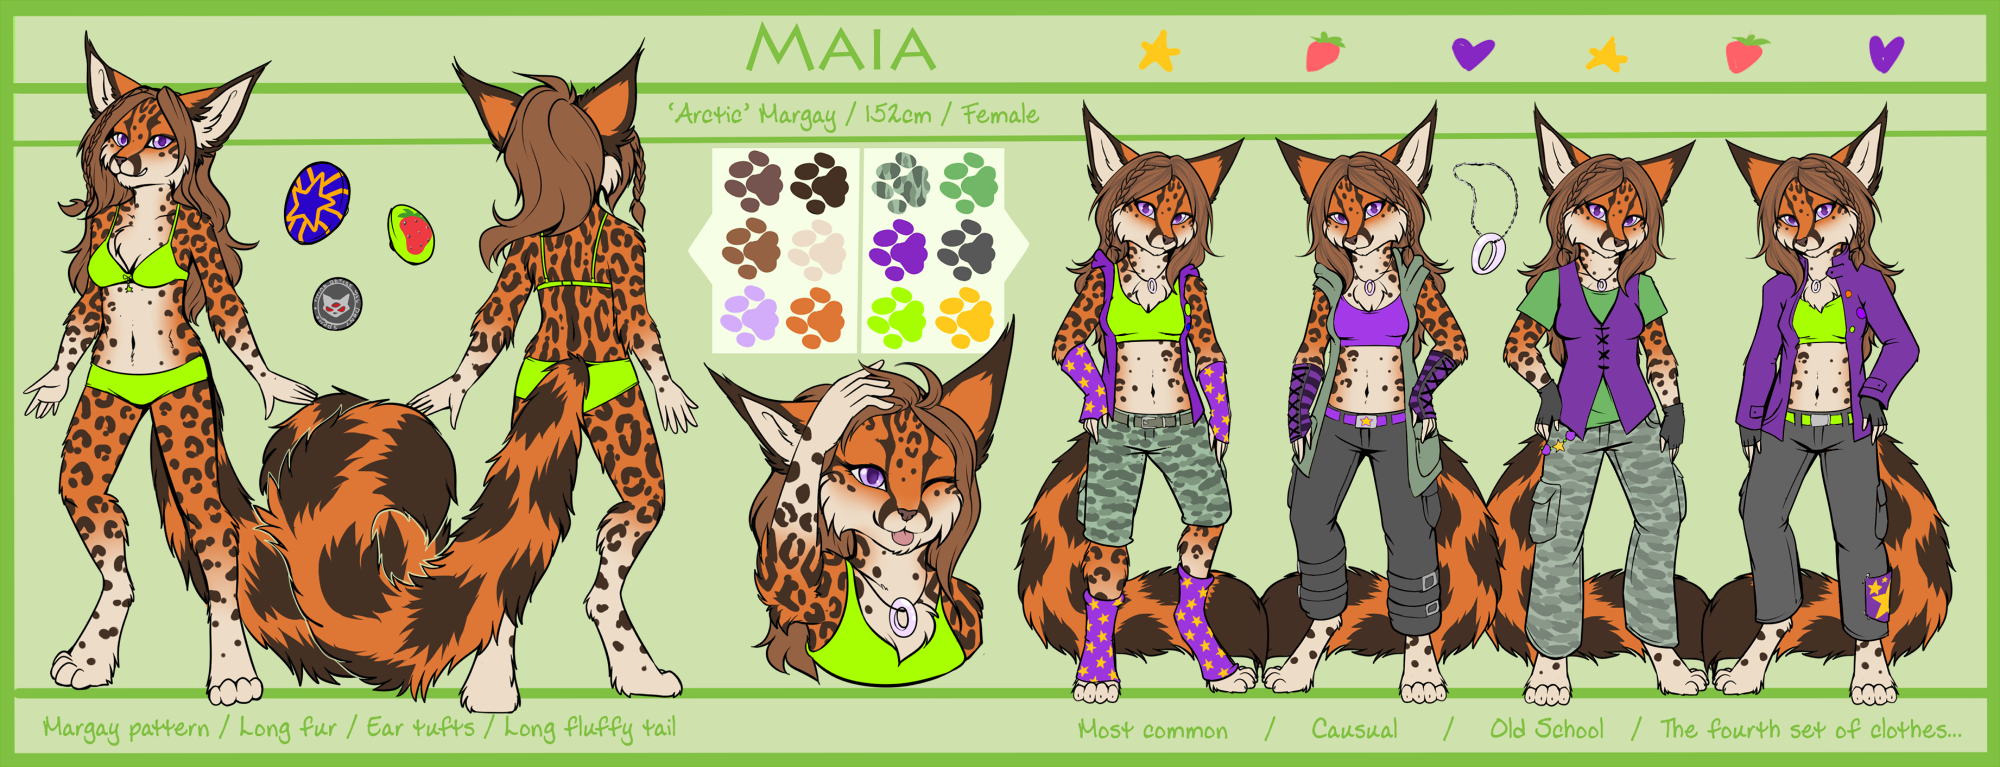 Maia - Reference sheet by Neko-Maya